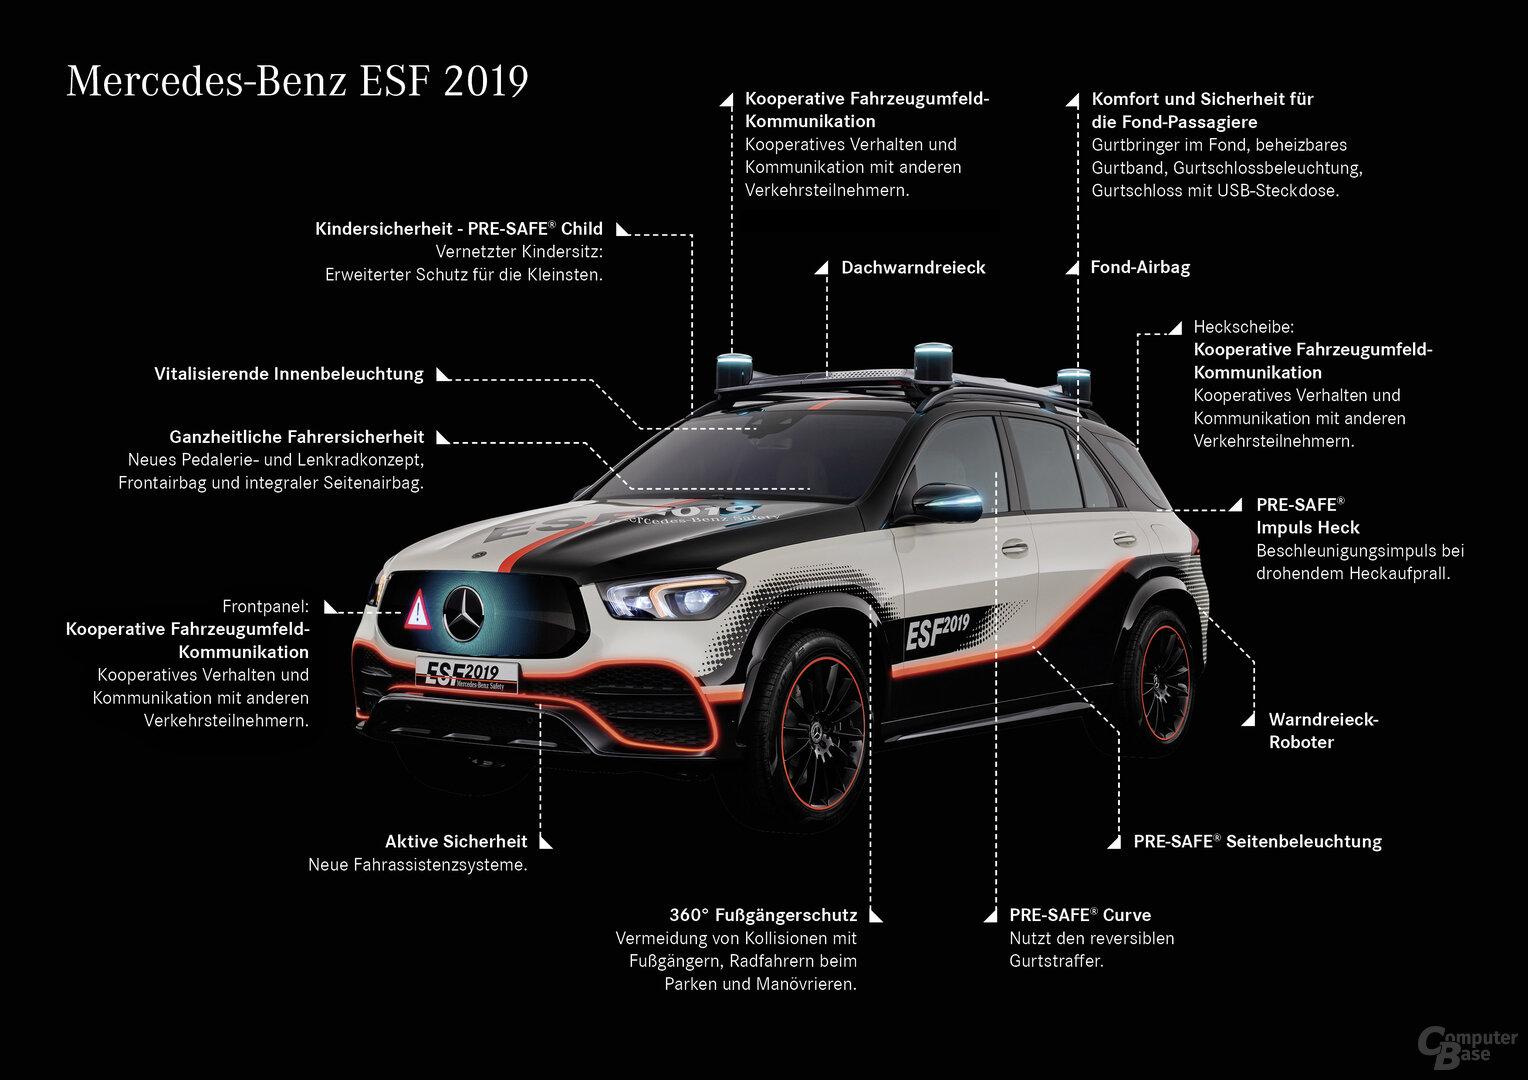 Die Features des ESF 2019 im Überblick